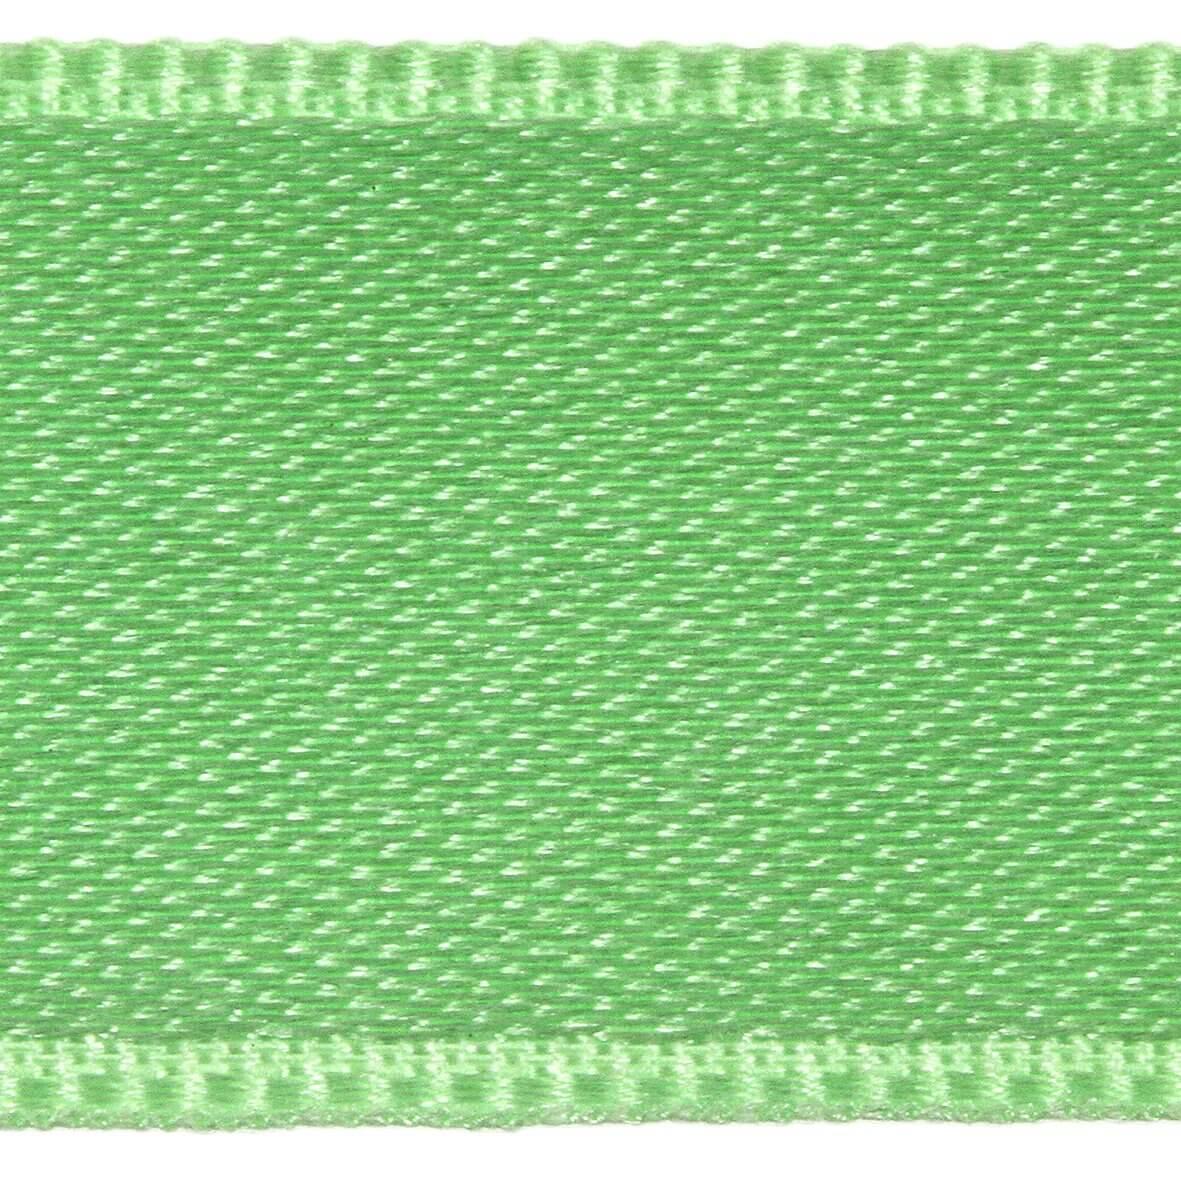 Lime Sorbet Col. 309 - 25mm Satab Ribbon